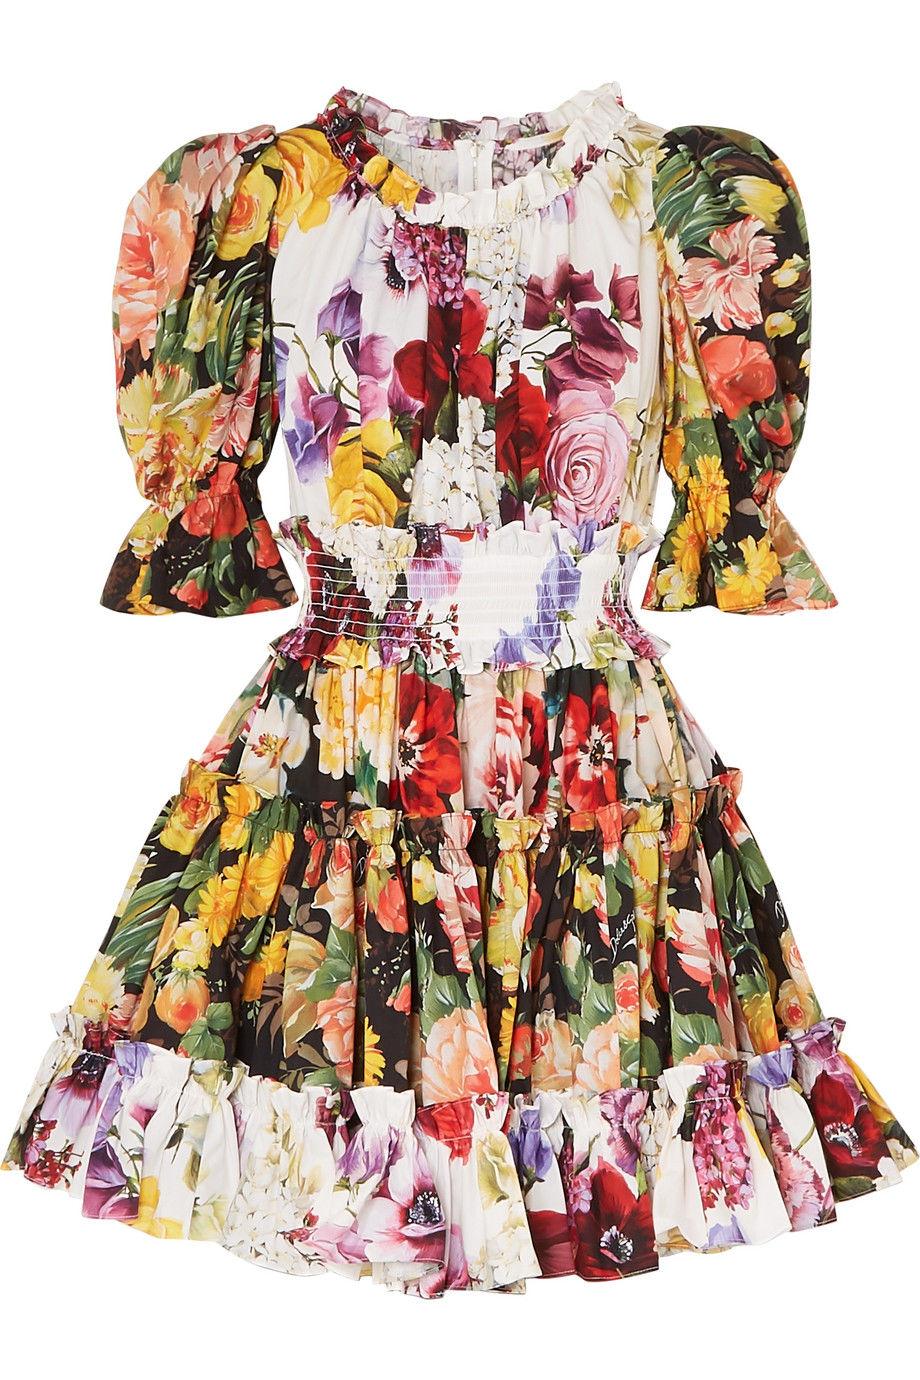 d102034c21d7 Šaty  Dámske šaty s florálnou potlačou nie sú až taký výnimočný kus